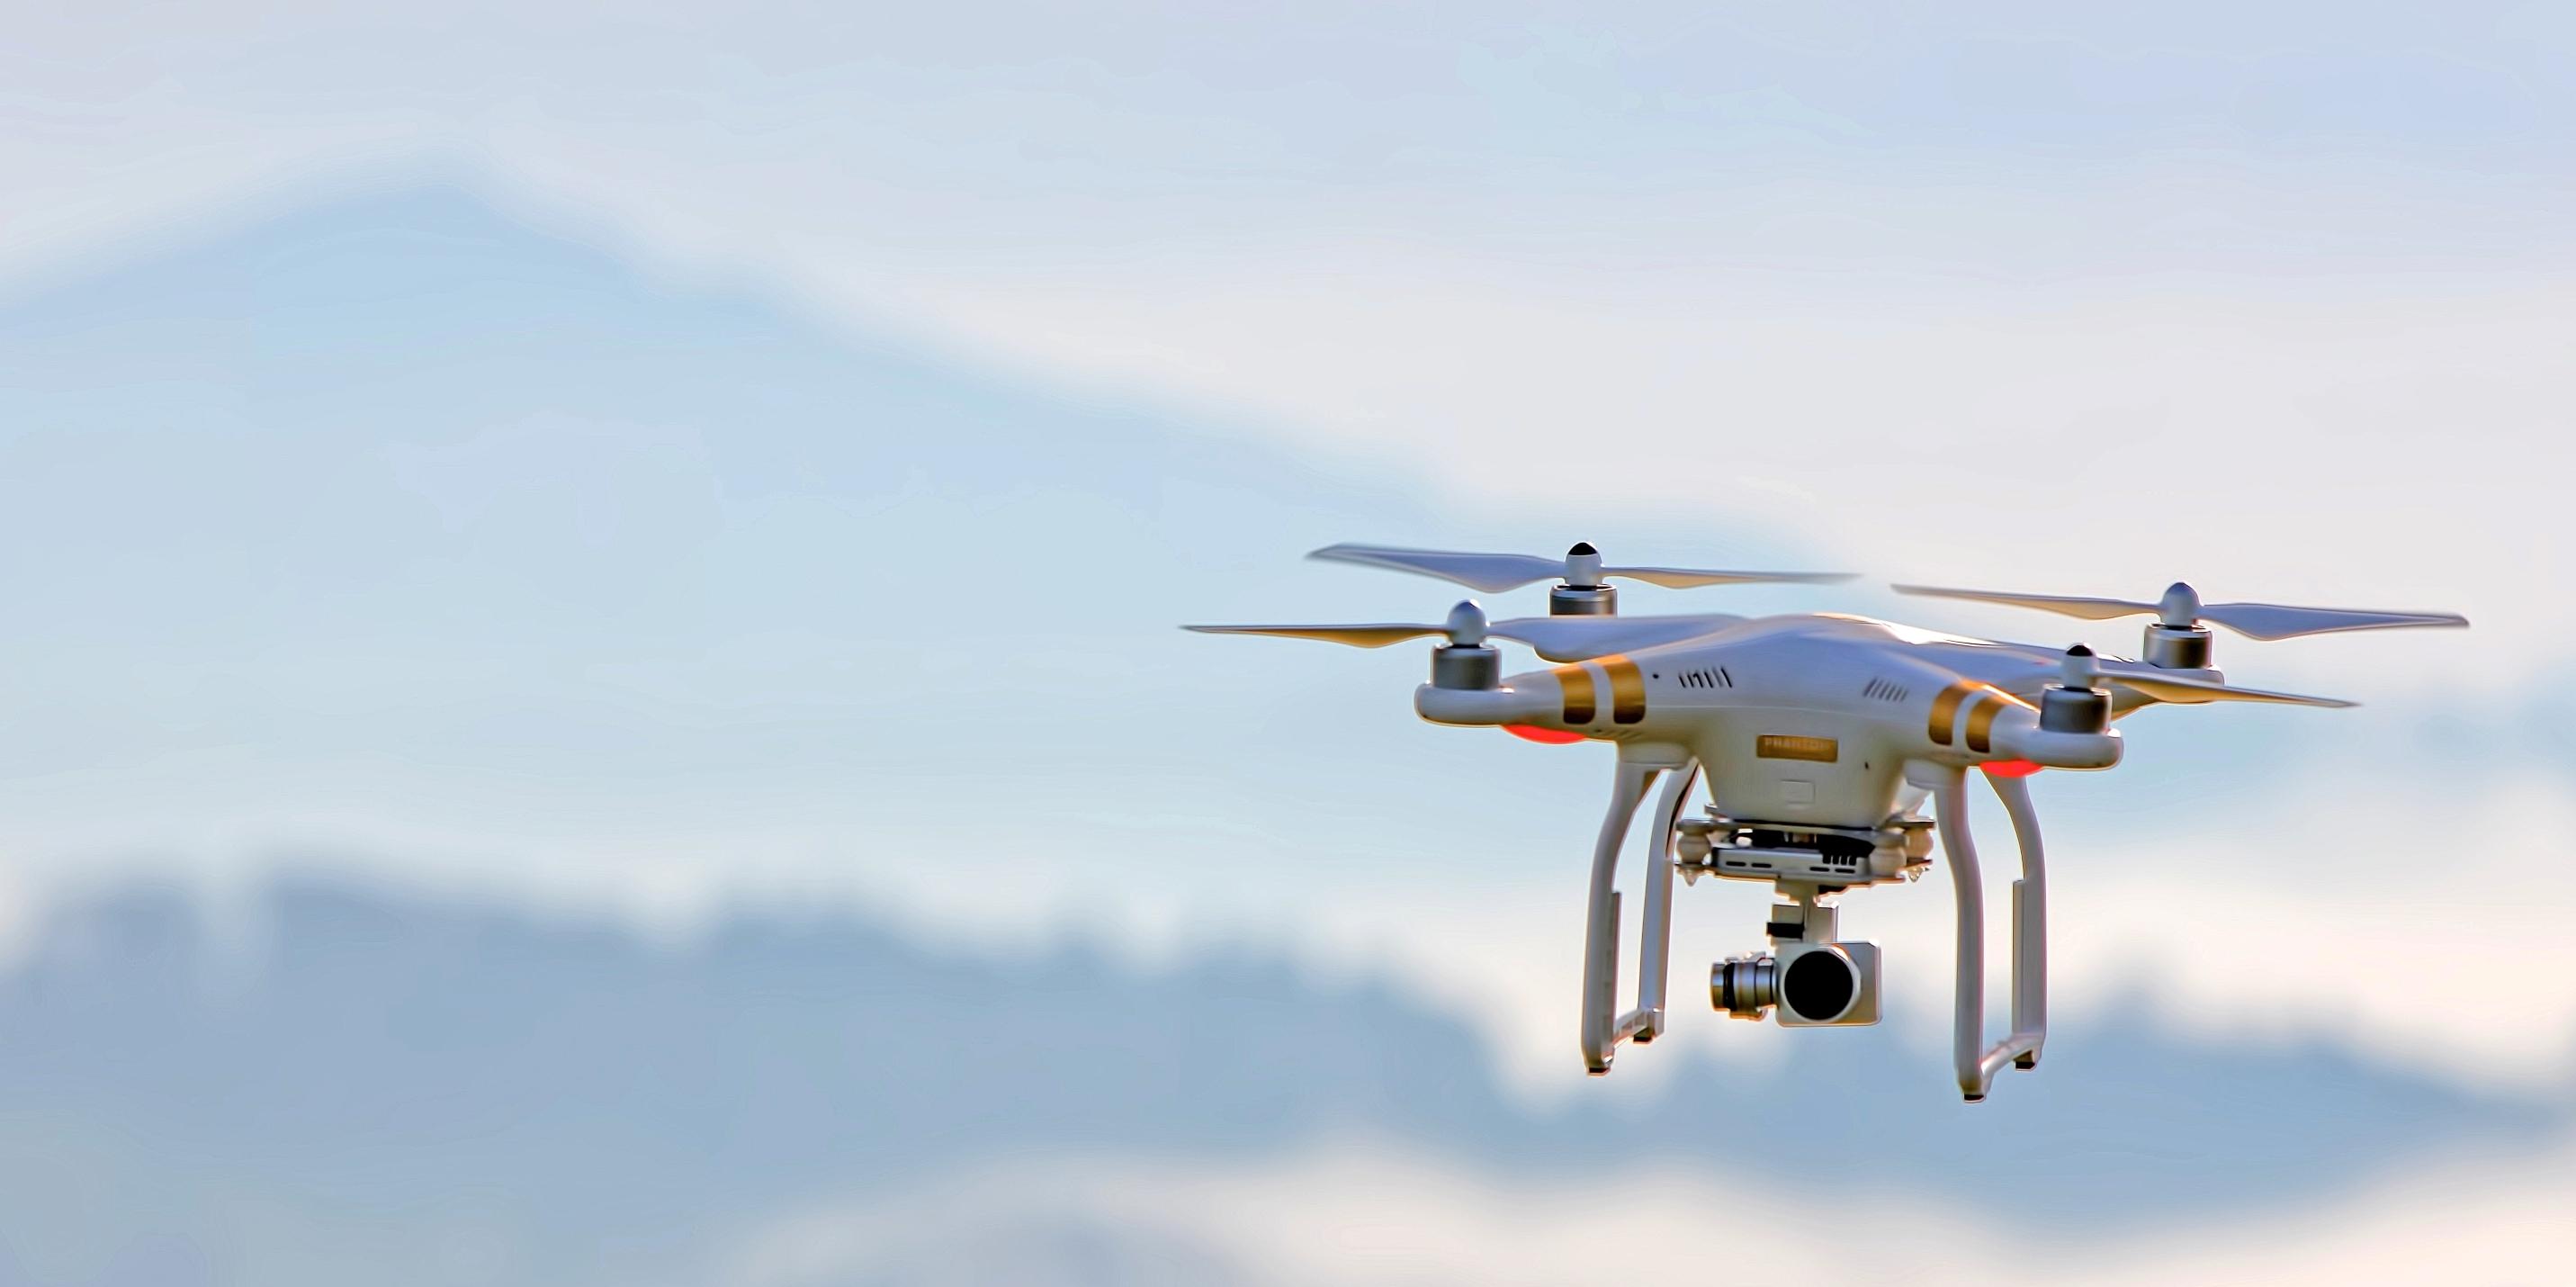 Правительство США прекратит использование китайских дронов из соображений безопасности